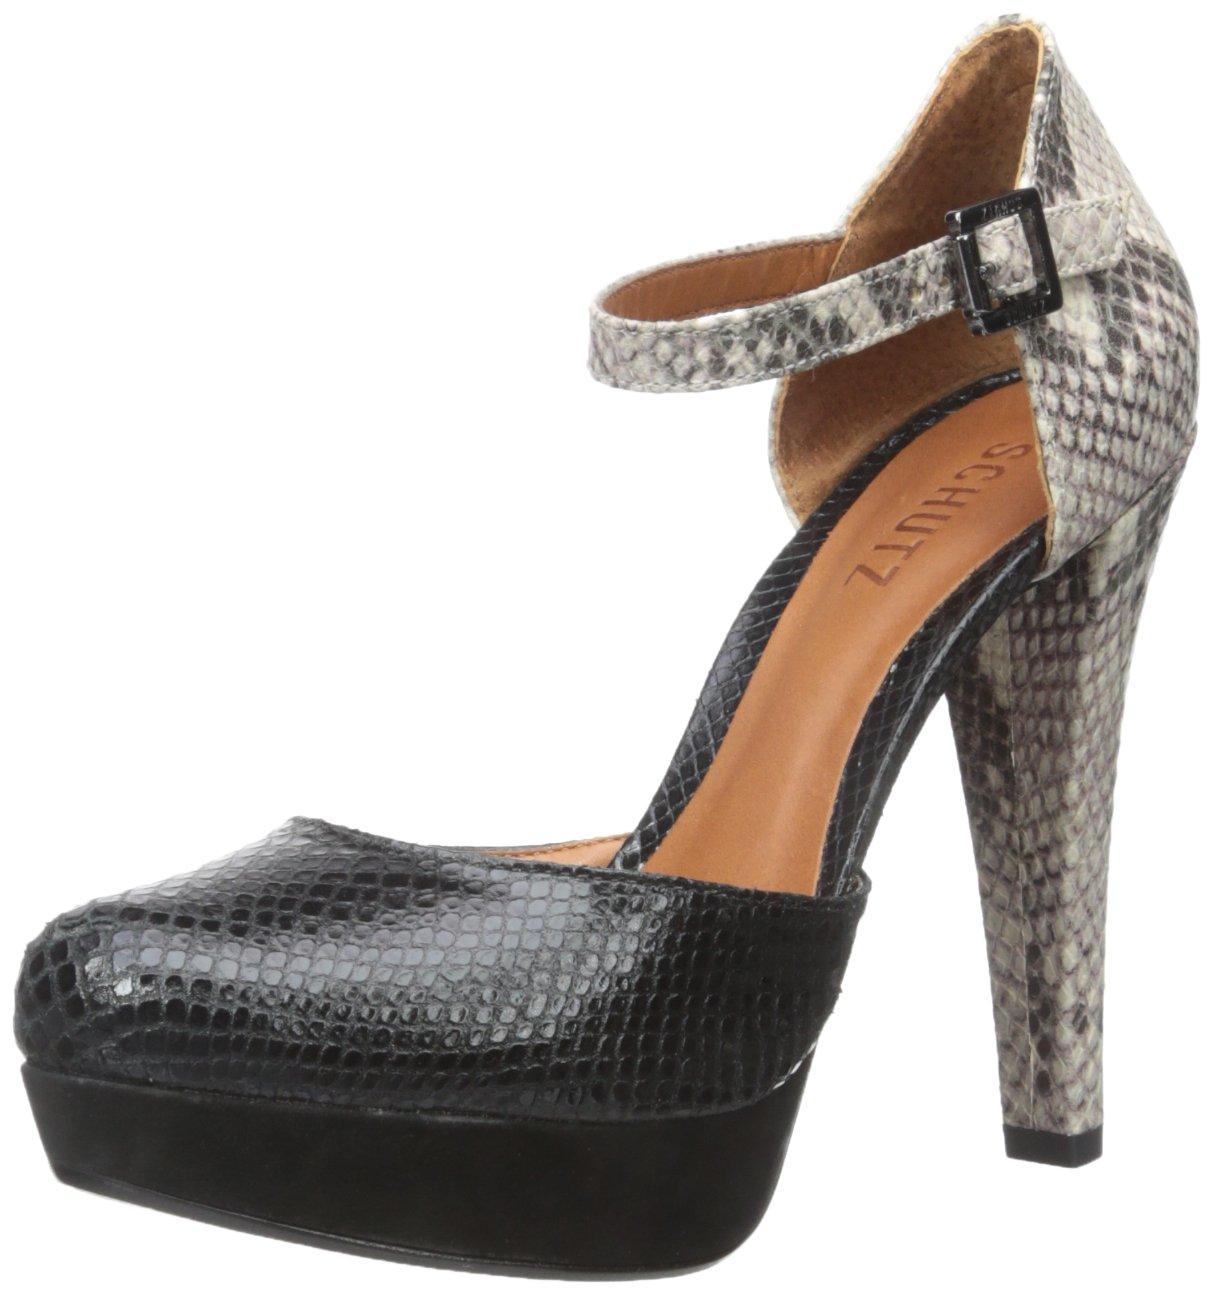 Schutz Women's Etta Sandal, Black/Natural Snake, 8 M US